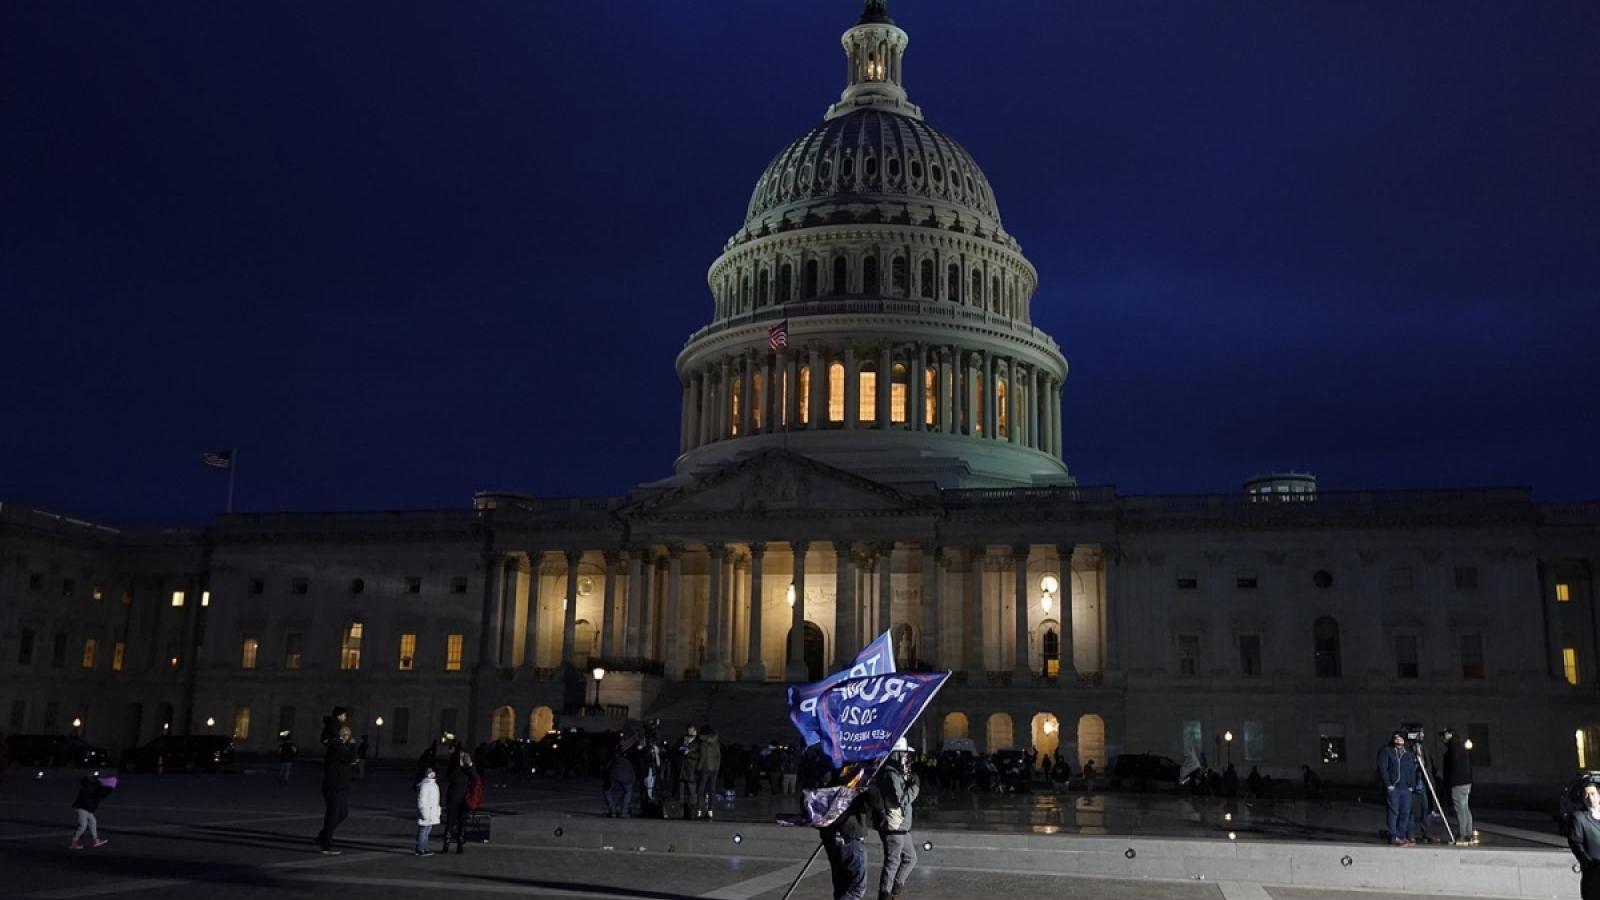 Dư luận Nhật Bản không mấy mặn mà với vụ bạo loạn biểu tình ở Mỹ